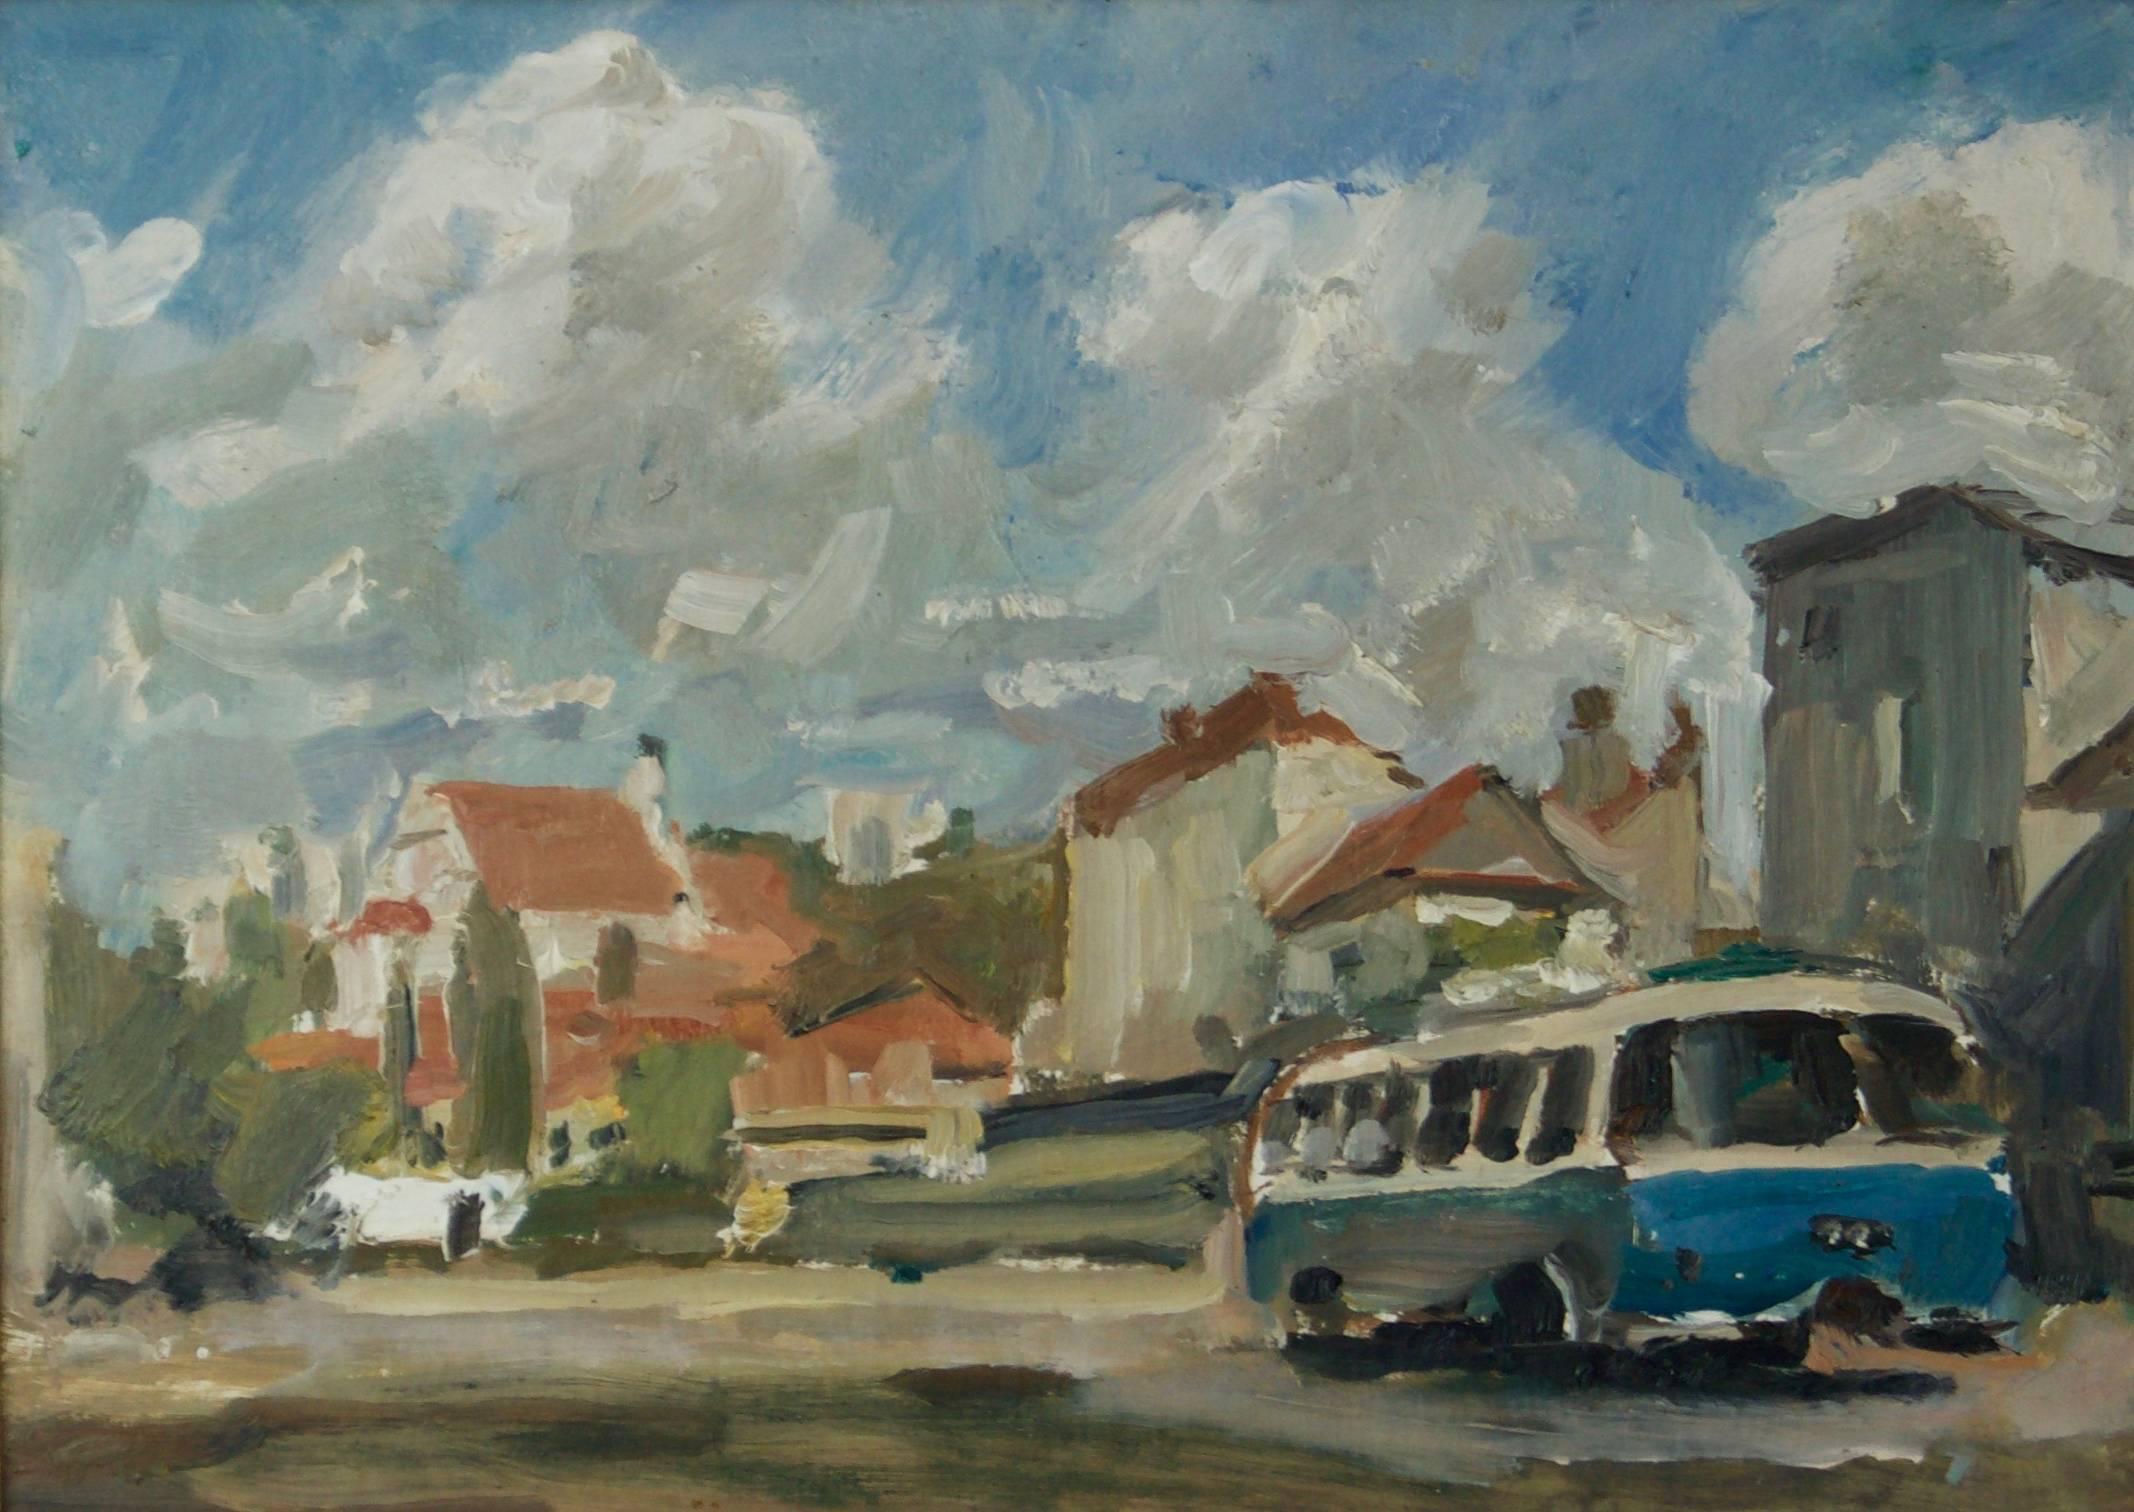 Kazimierz in Poland - Mid - Late 20th Century Impressionist Oil by Krajewska